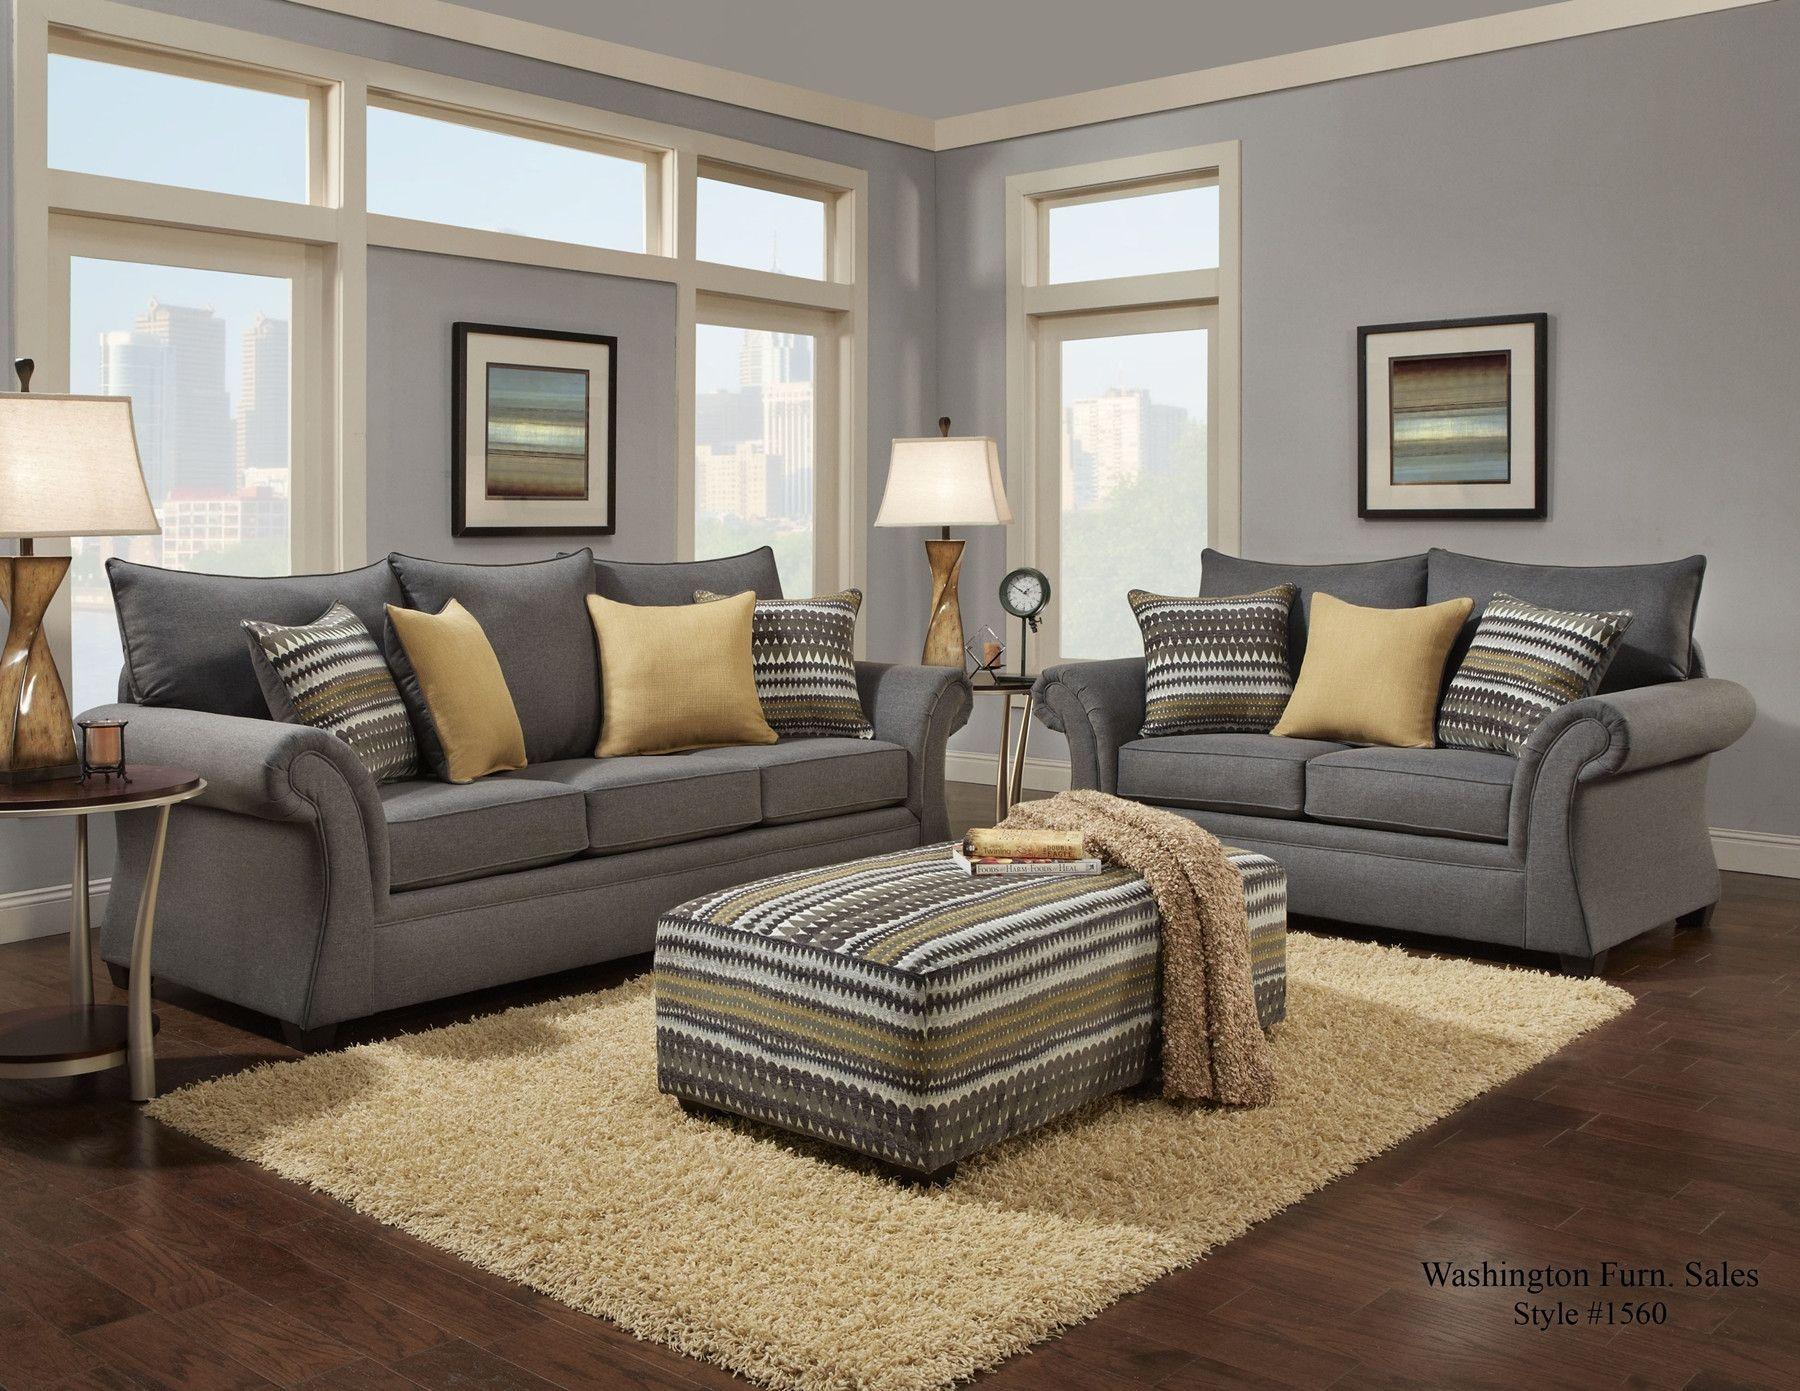 1560 - The Contemporary Living Room Set - Grey ...